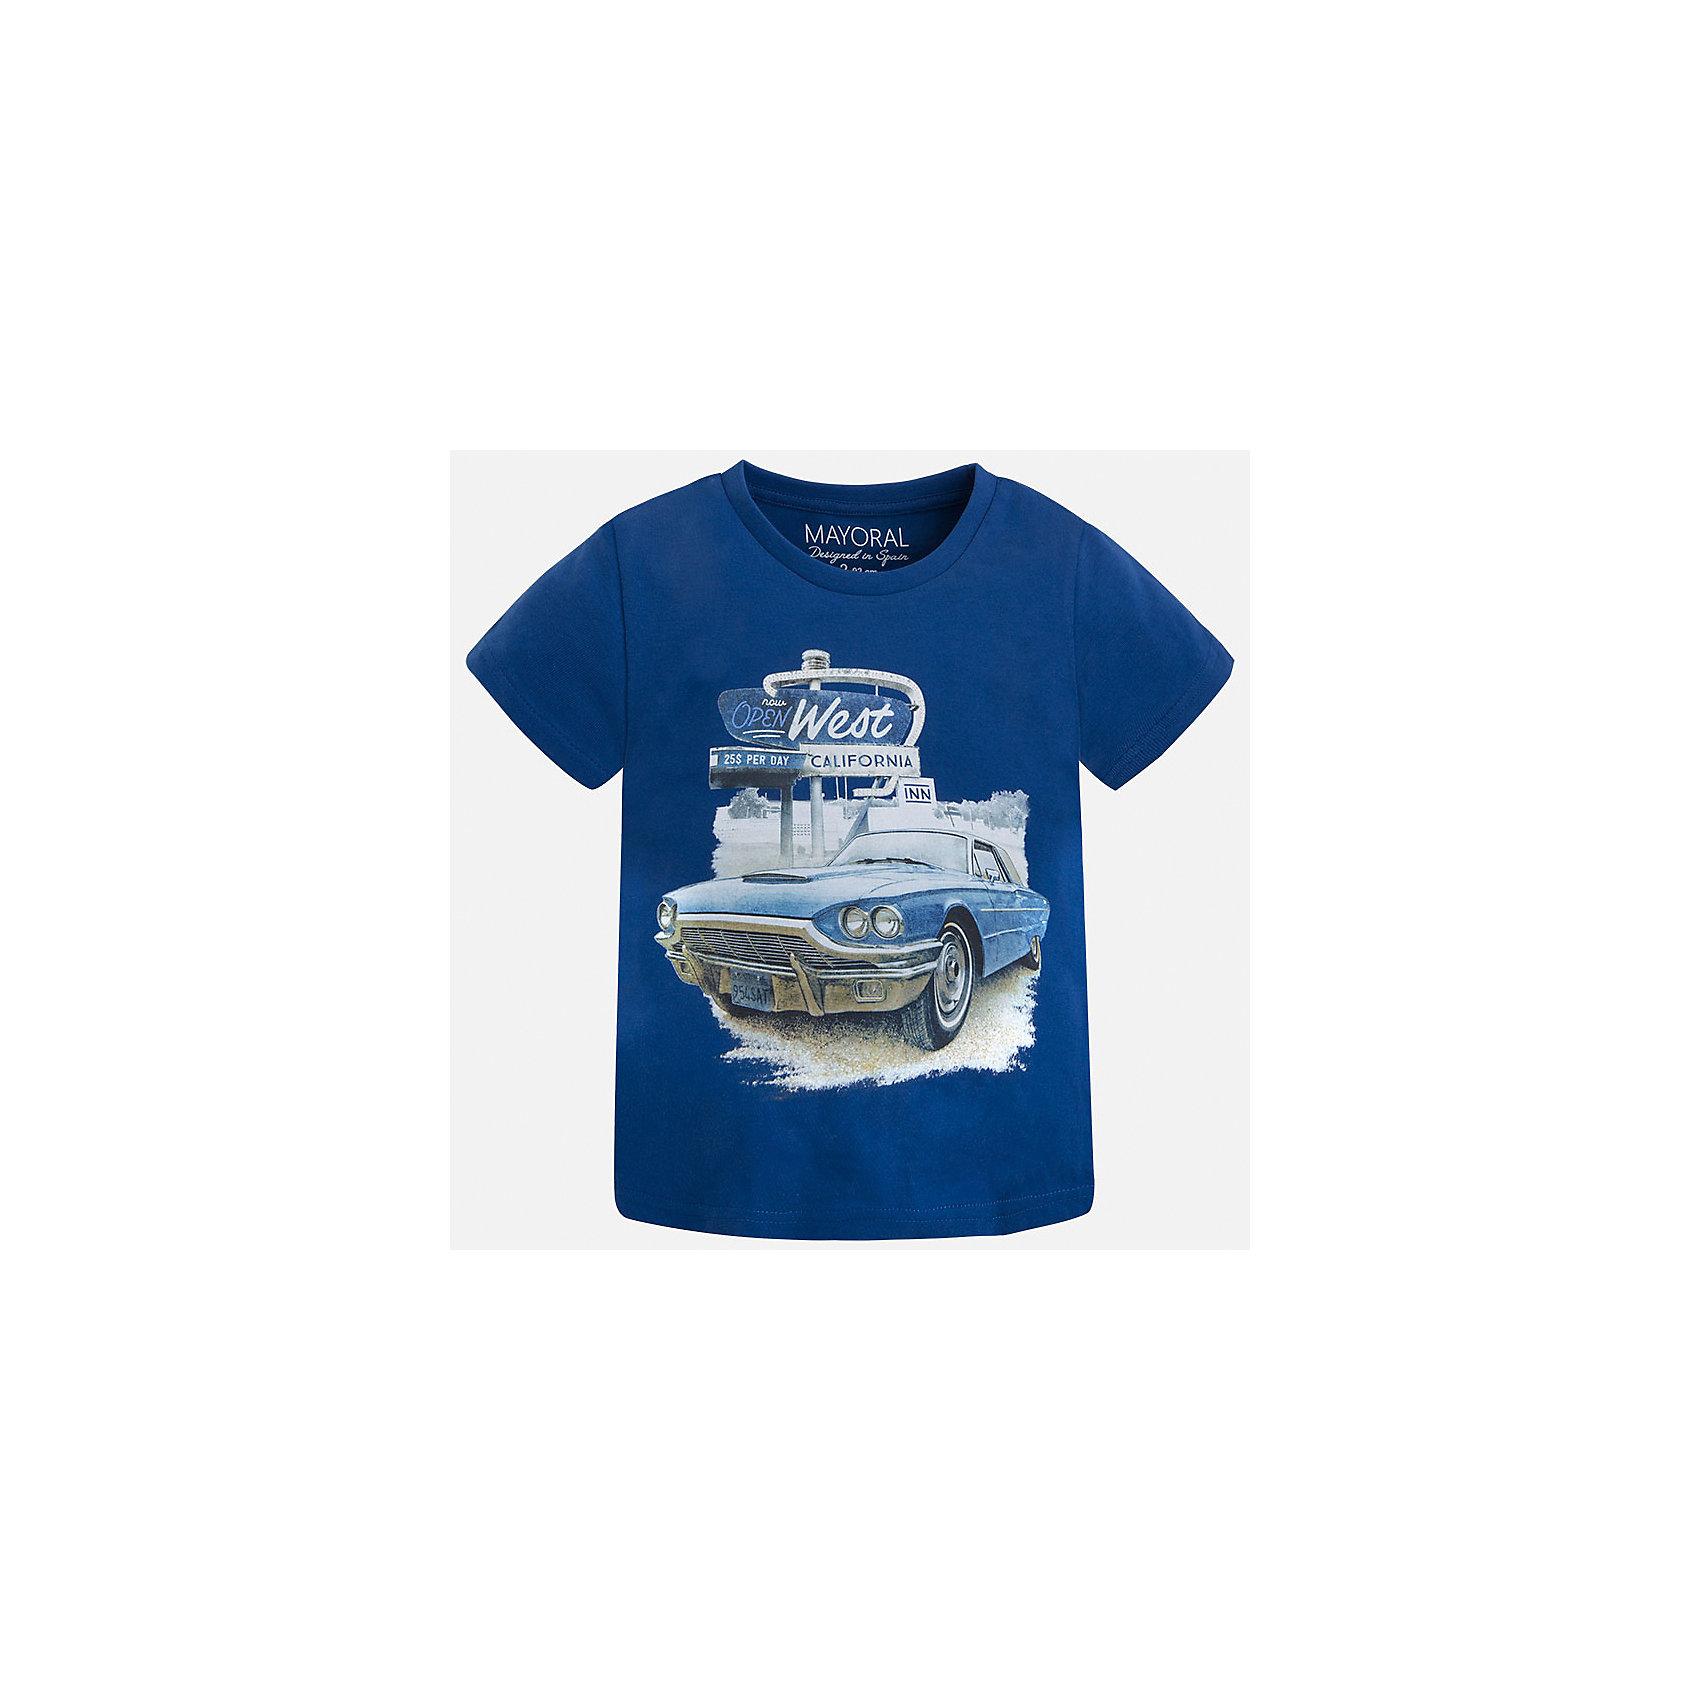 Футболка для мальчика MayoralФутболки, поло и топы<br>Характеристики товара:<br><br>• цвет: синий<br>• состав: 100% хлопок<br>• круглый горловой вырез<br>• принт впереди<br>• короткие рукава<br>• отделка горловины<br>• страна бренда: Испания<br><br>Стильная футболка с принтом поможет разнообразить гардероб мальчика. Она отлично сочетается с брюками, шортами, джинсами и т.д. Универсальный крой и цвет позволяет подобрать к вещи низ разных расцветок. Практичное и стильное изделие! В составе материала - только натуральный хлопок, гипоаллергенный, приятный на ощупь, дышащий.<br><br>Одежда, обувь и аксессуары от испанского бренда Mayoral полюбились детям и взрослым по всему миру. Модели этой марки - стильные и удобные. Для их производства используются только безопасные, качественные материалы и фурнитура. Порадуйте ребенка модными и красивыми вещами от Mayoral! <br><br>Футболку для мальчика от испанского бренда Mayoral (Майорал) можно купить в нашем интернет-магазине.<br><br>Ширина мм: 199<br>Глубина мм: 10<br>Высота мм: 161<br>Вес г: 151<br>Цвет: серый<br>Возраст от месяцев: 72<br>Возраст до месяцев: 84<br>Пол: Мужской<br>Возраст: Детский<br>Размер: 122,116,104,98,92,134,110,128<br>SKU: 5280110